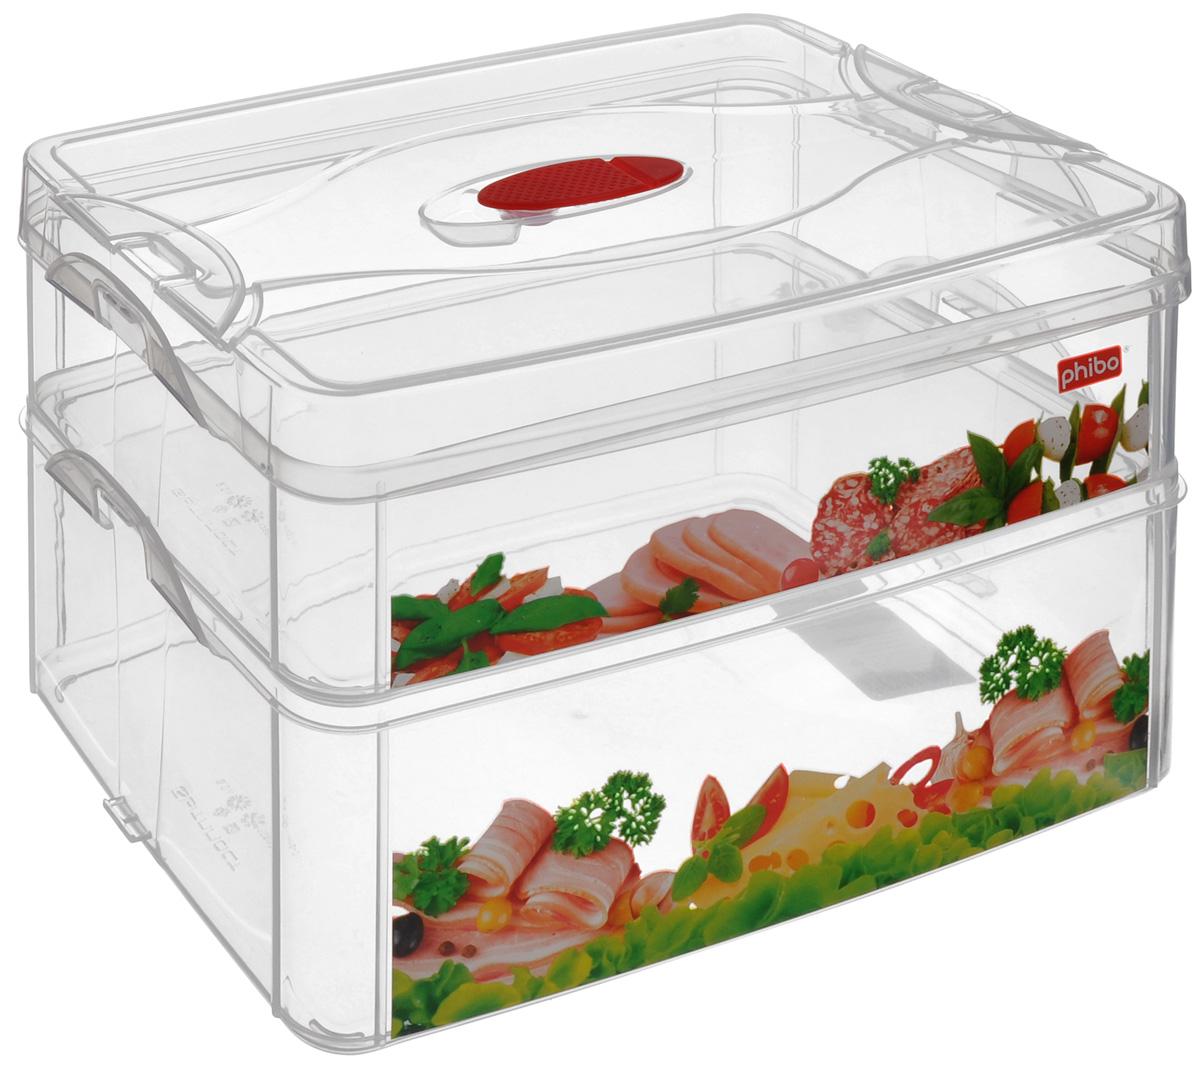 Контейнер для продуктов Phibo Smart System, 2 секции, с клапаном, 25 х 16 х 16,5 см С12865С12865_колбаса, сырКонтейнер Phibo Smart System изготовлен из высококачественного пластика, не содержит Бисфенол А. Предназначен для хранения продуктов. Изделие декорировано ярким рисунком в виде колбасной и сырной нарезки. Контейнер легко открывается, оснащен двумя съемными отделениями и клапаном на крышке. Не требует особого ухода. Контейнер Phibo Smart System - отличное решение для хранения продуктов. Размер маленького отделения (без крышки): 24 см х 15,5 см х 6 см. Объем маленького отделения: 2 л. Размер большого отделения: 24 см х 15,5 см х 9 см. Объем большого отделения: 3 л.